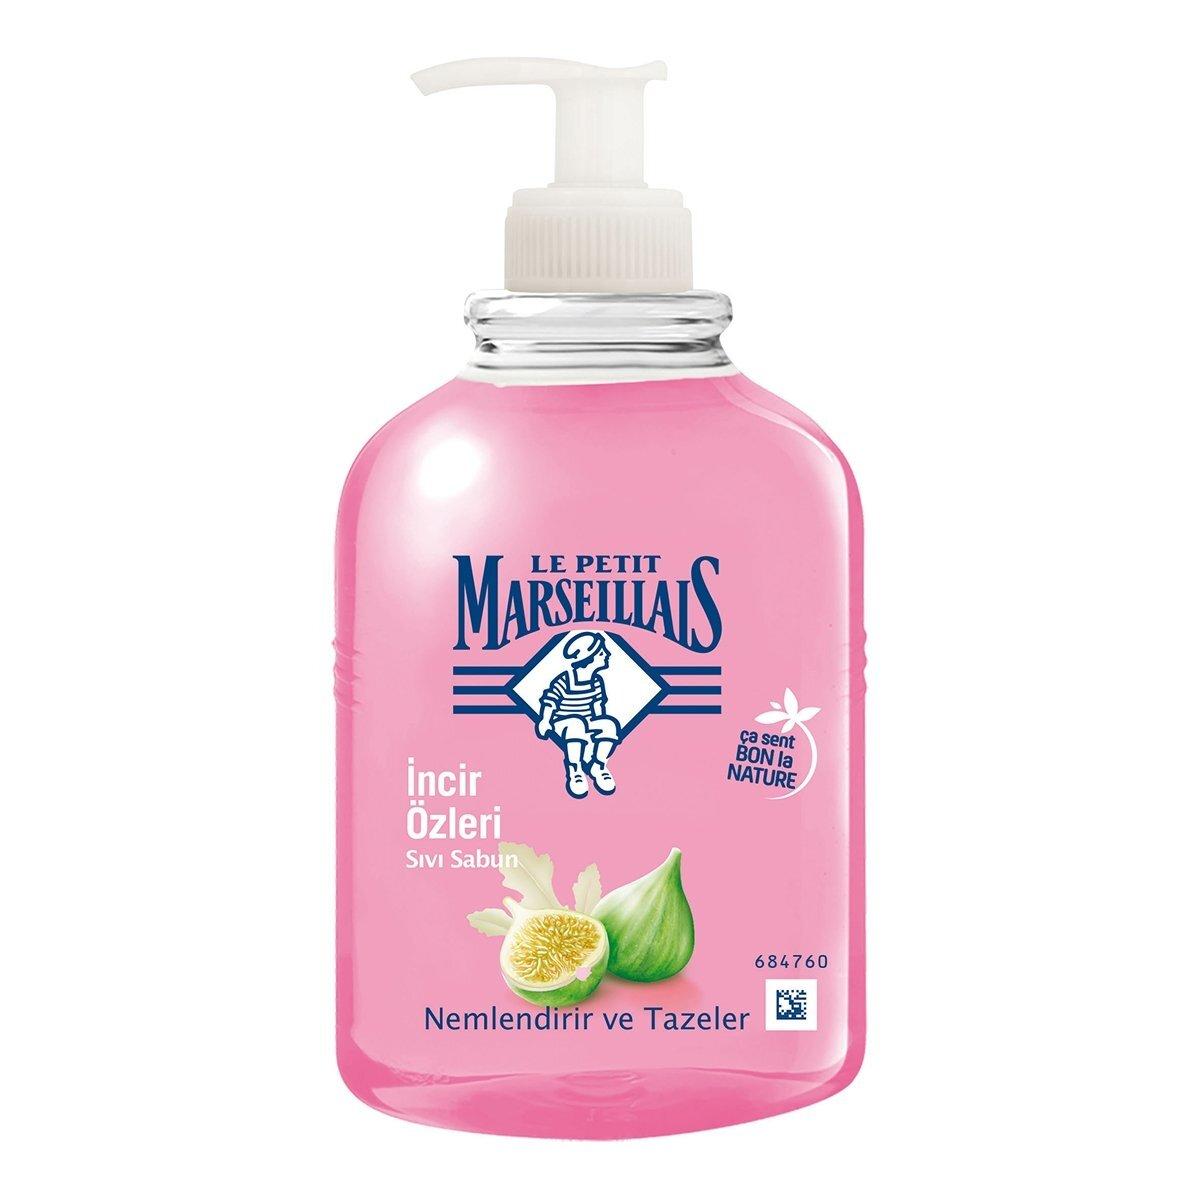 İncir Özleri Sıvı Sabun 500 ml